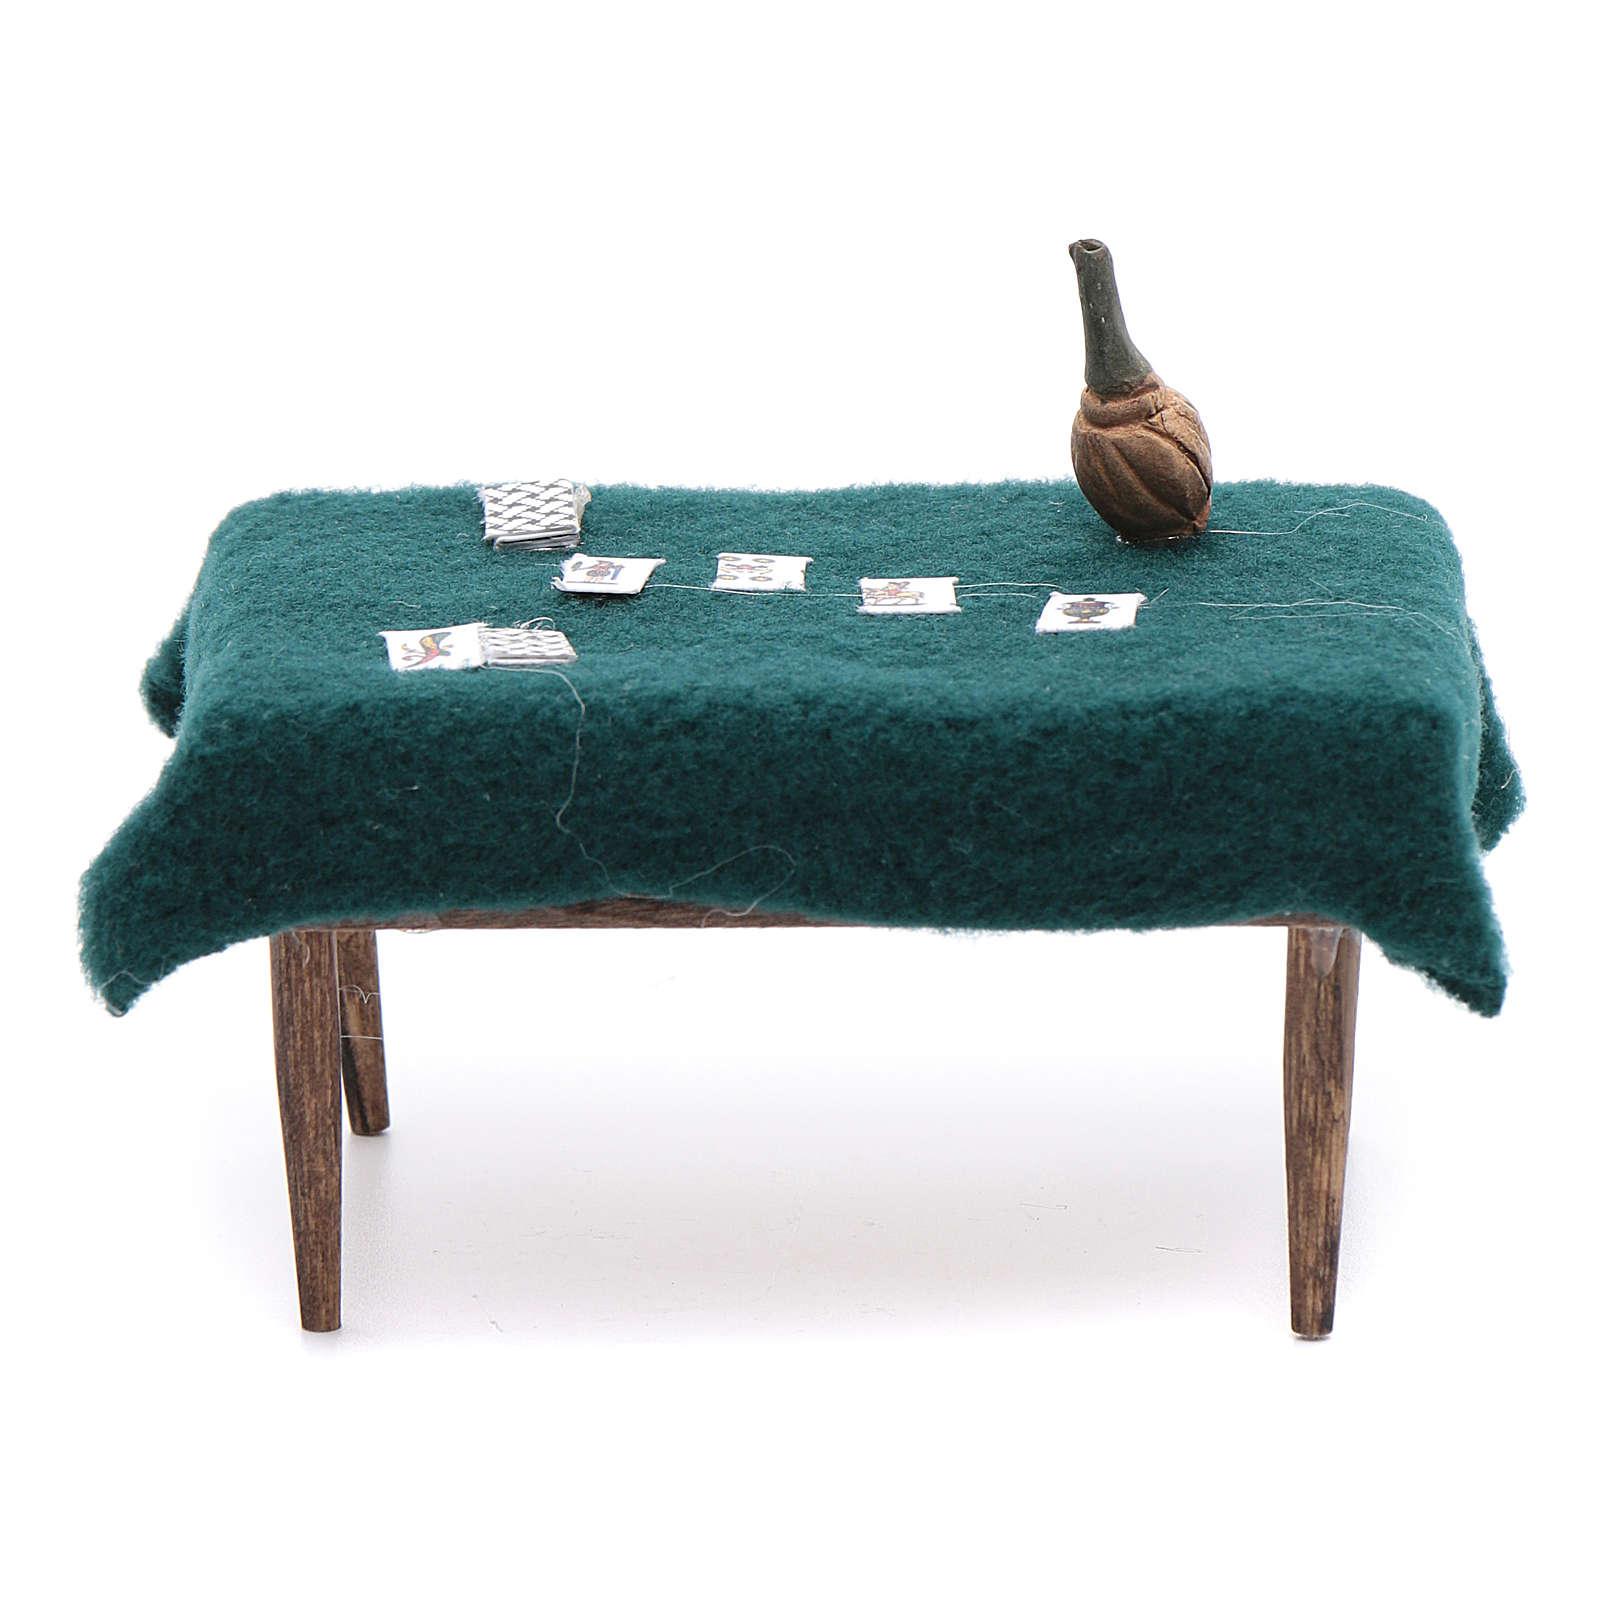 Cards table 5x10x5 cm, neapolitan Nativity Scene 4